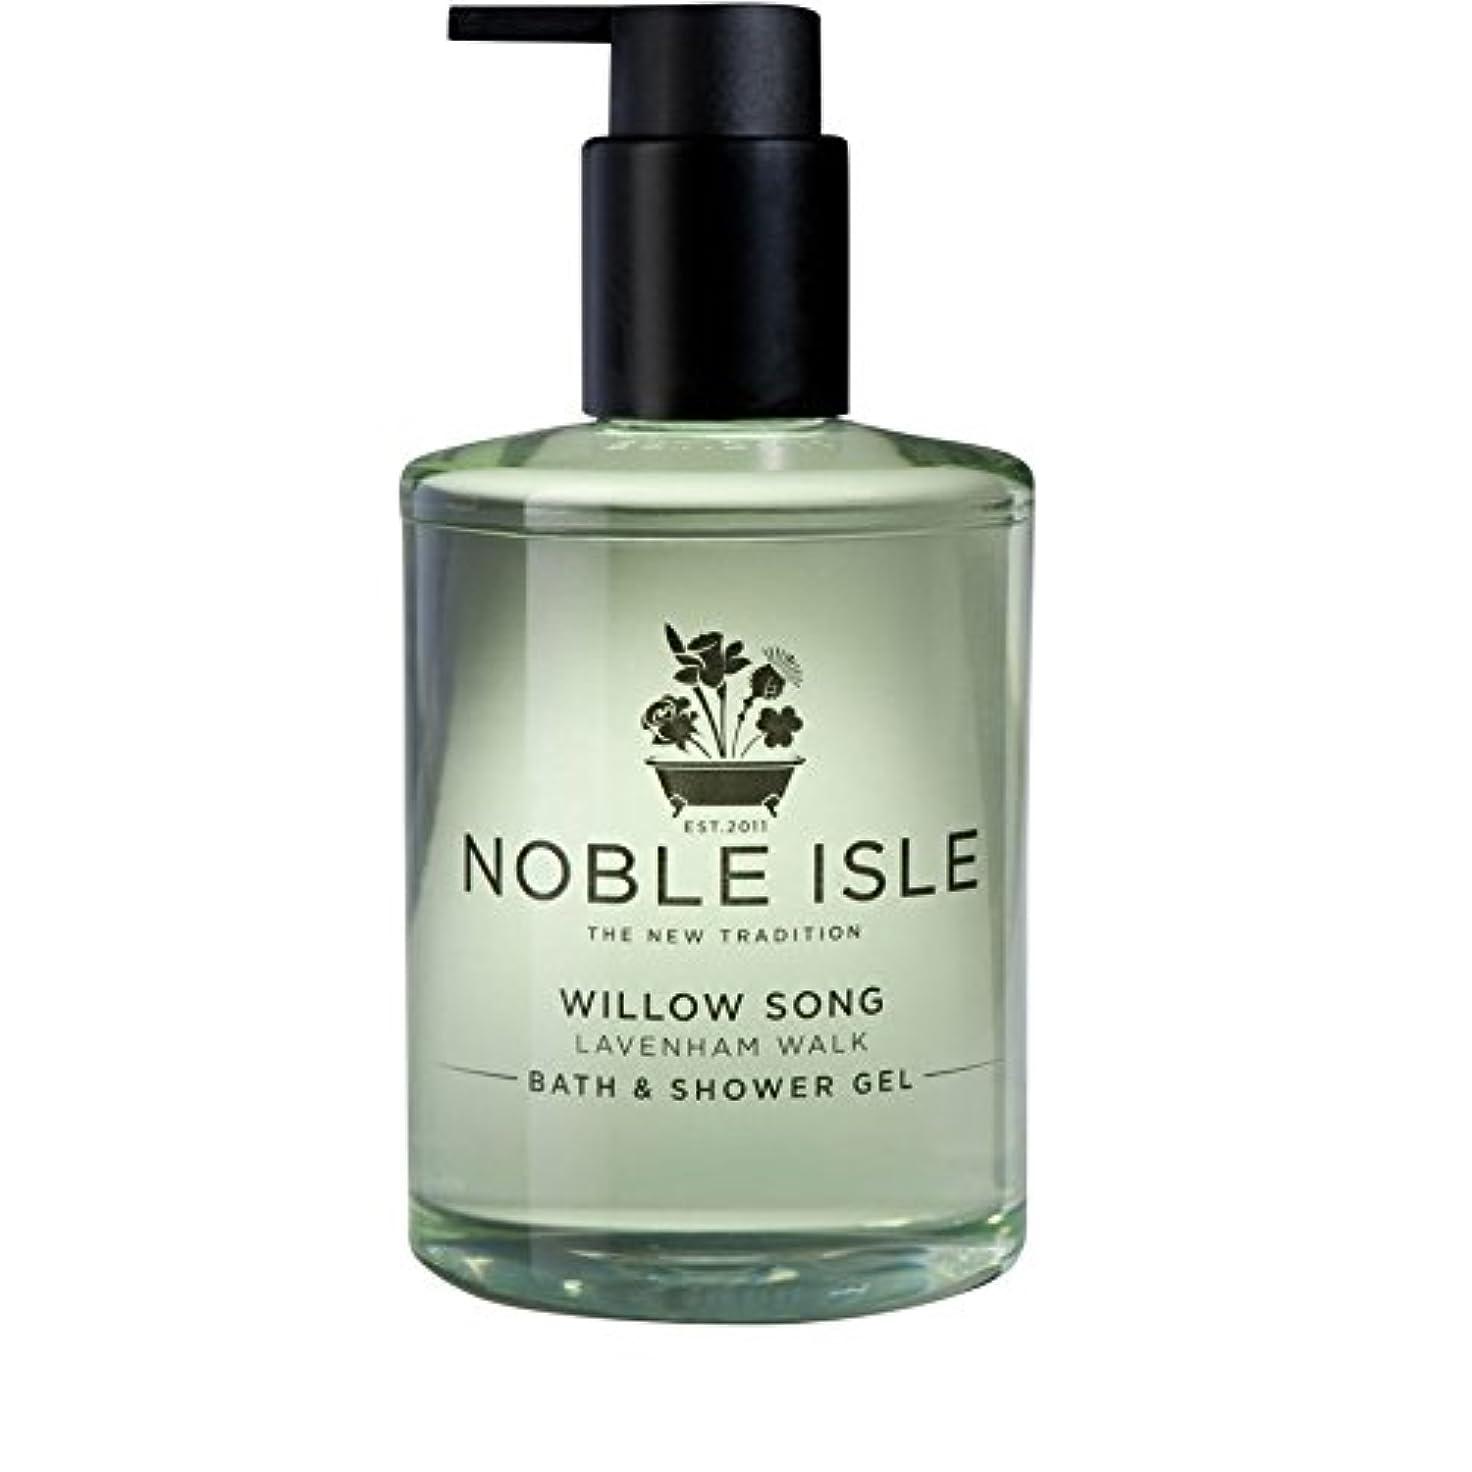 評価可能浴大胆不敵高貴な島柳の歌ラヴァンハム徒歩風呂とシャワージェル250ミリリットル x4 - Noble Isle Willow Song Lavenham Walk Bath and Shower Gel 250ml (Pack of 4) [並行輸入品]